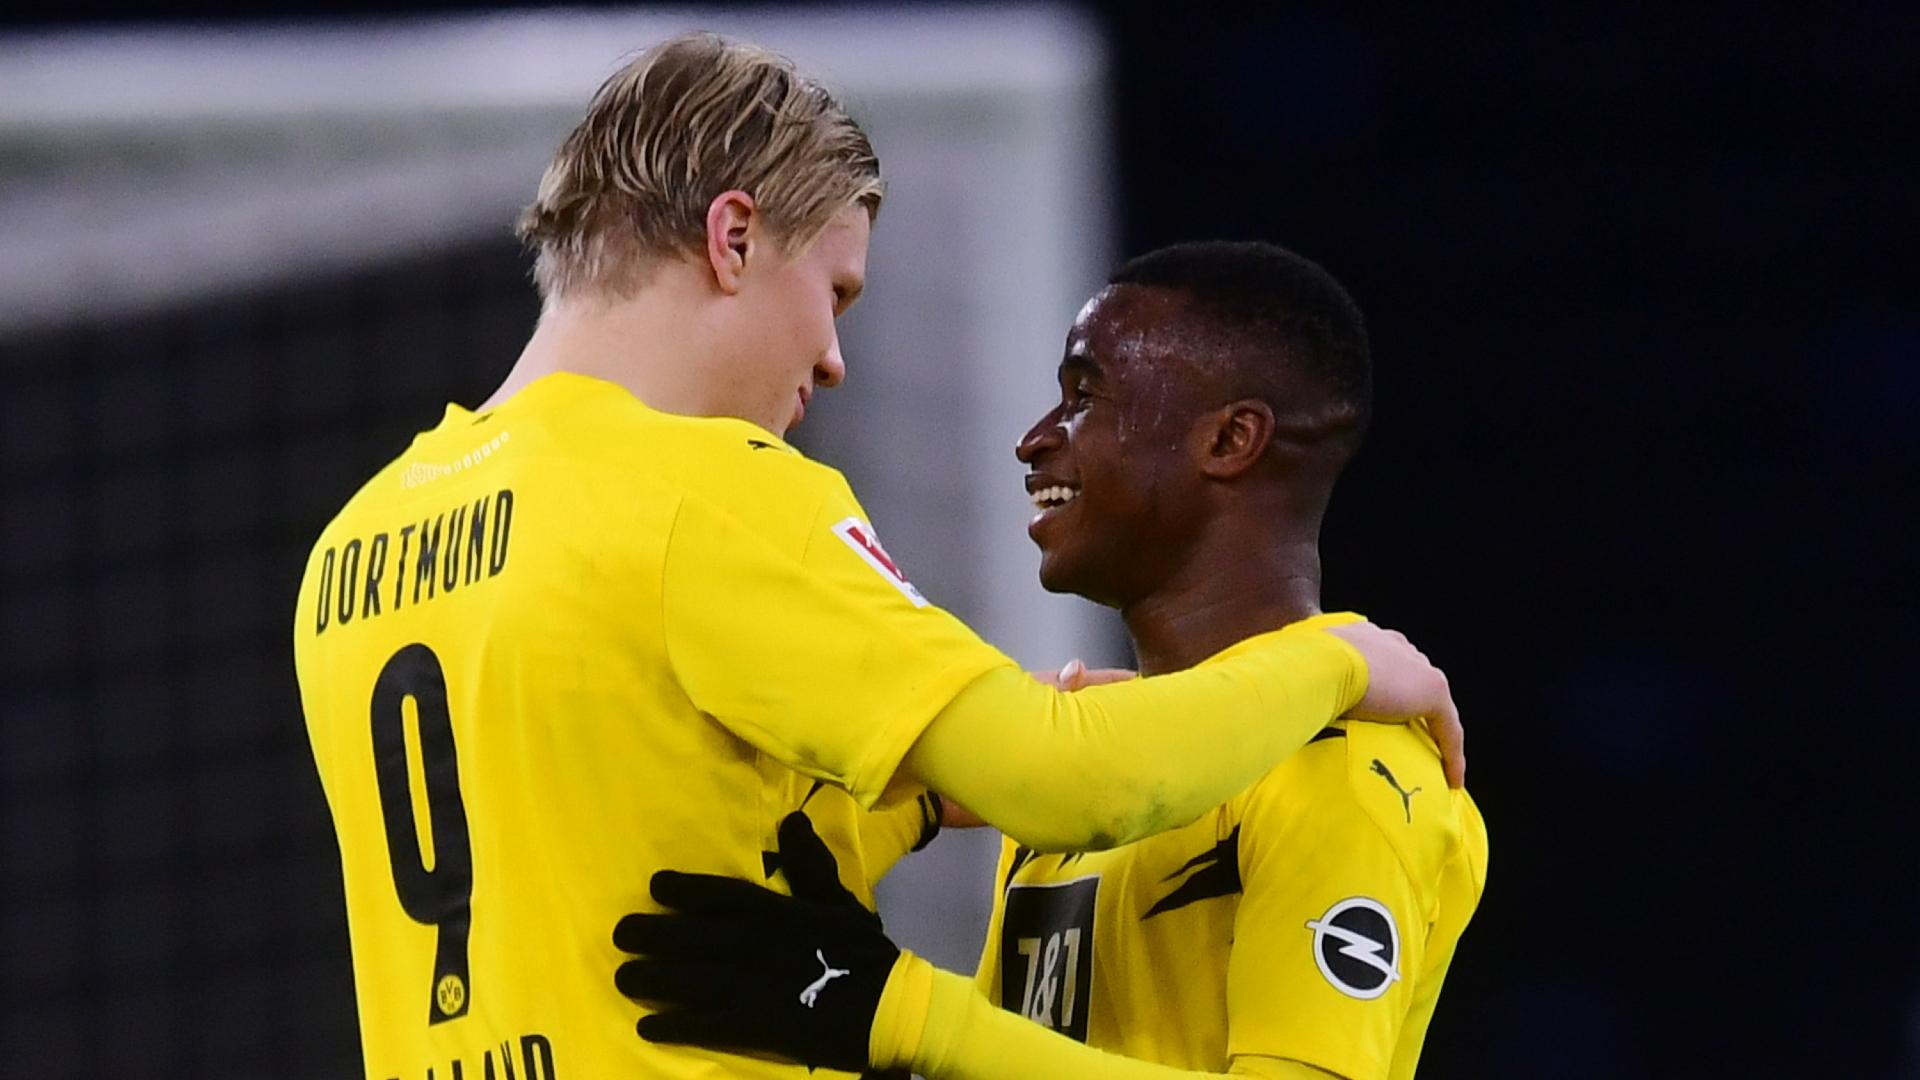 'The striker's striker' – Dortmund's Moukoko hails Haaland